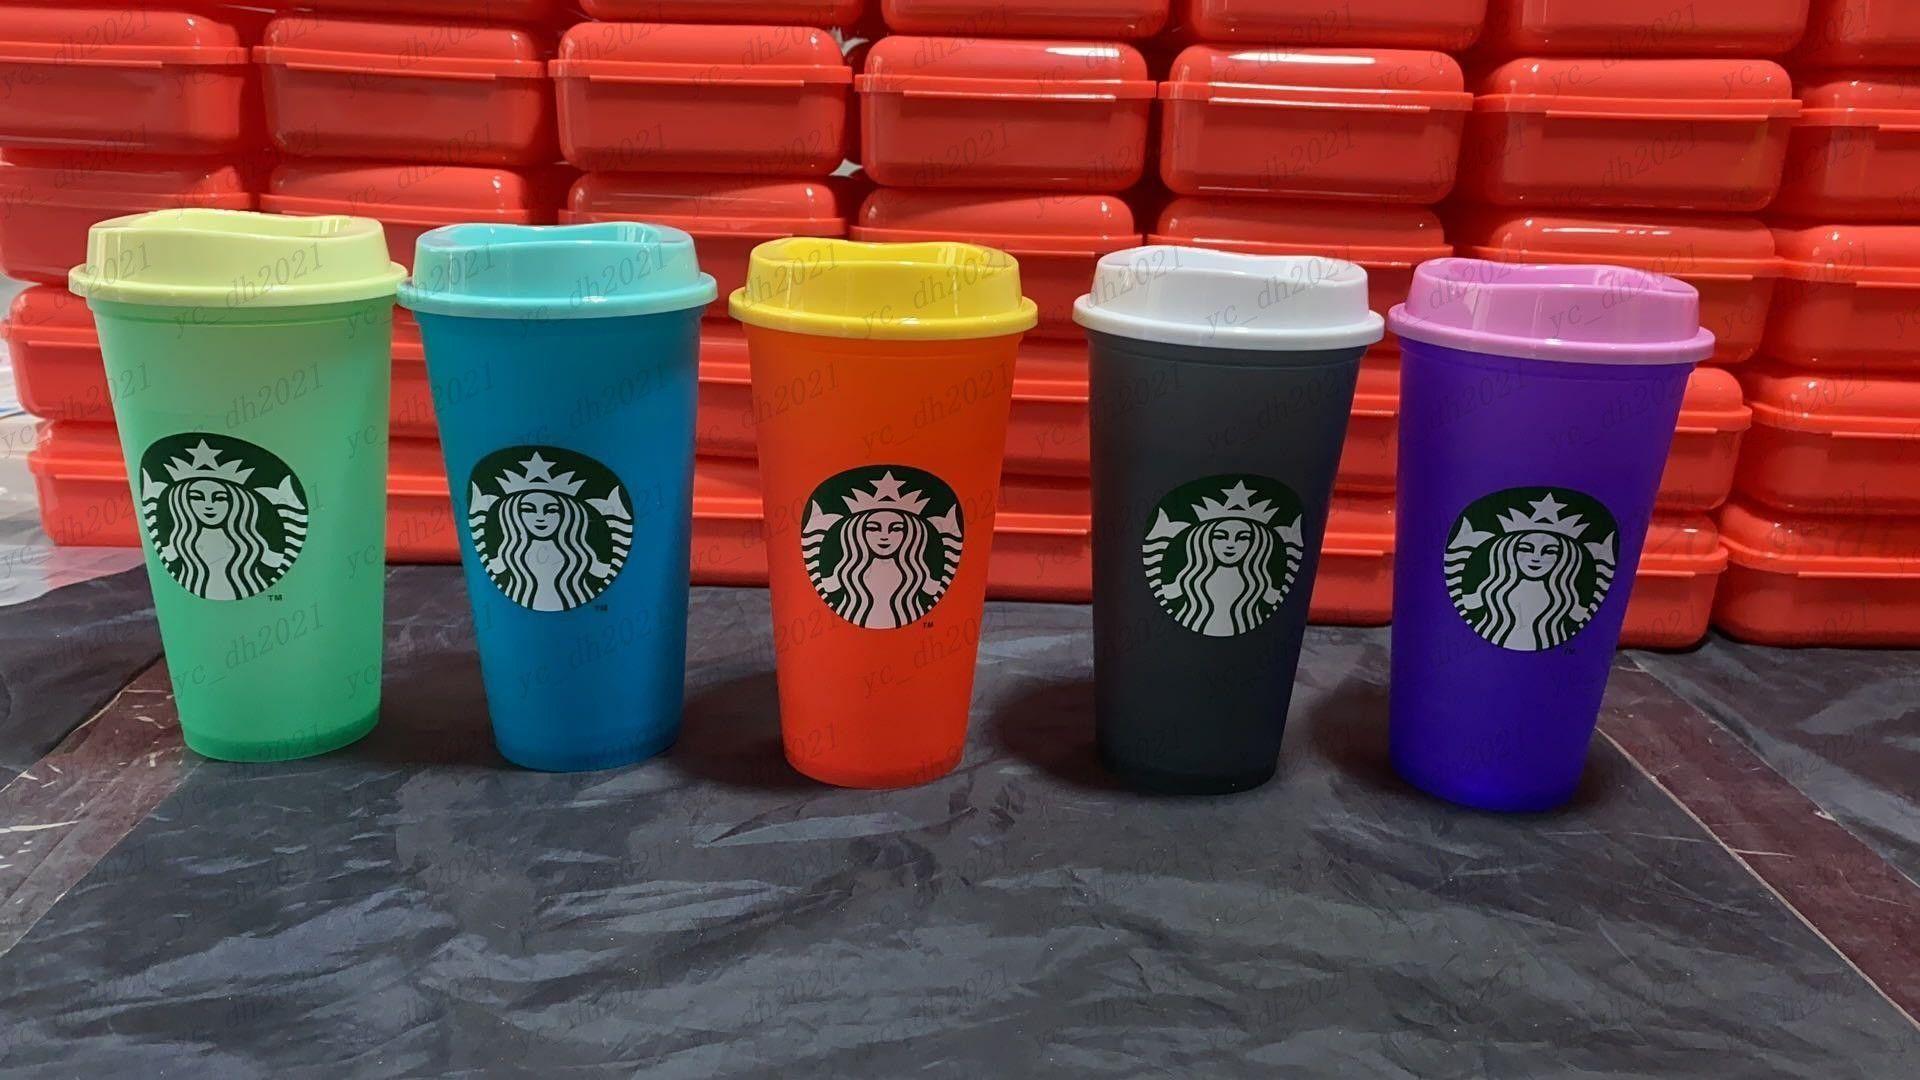 Starbucks 16oz تغيير لون البهلونز أكواب عصير الشرب البلاستيك مع أكواب القهوة السحرية الشفاه كوستوم